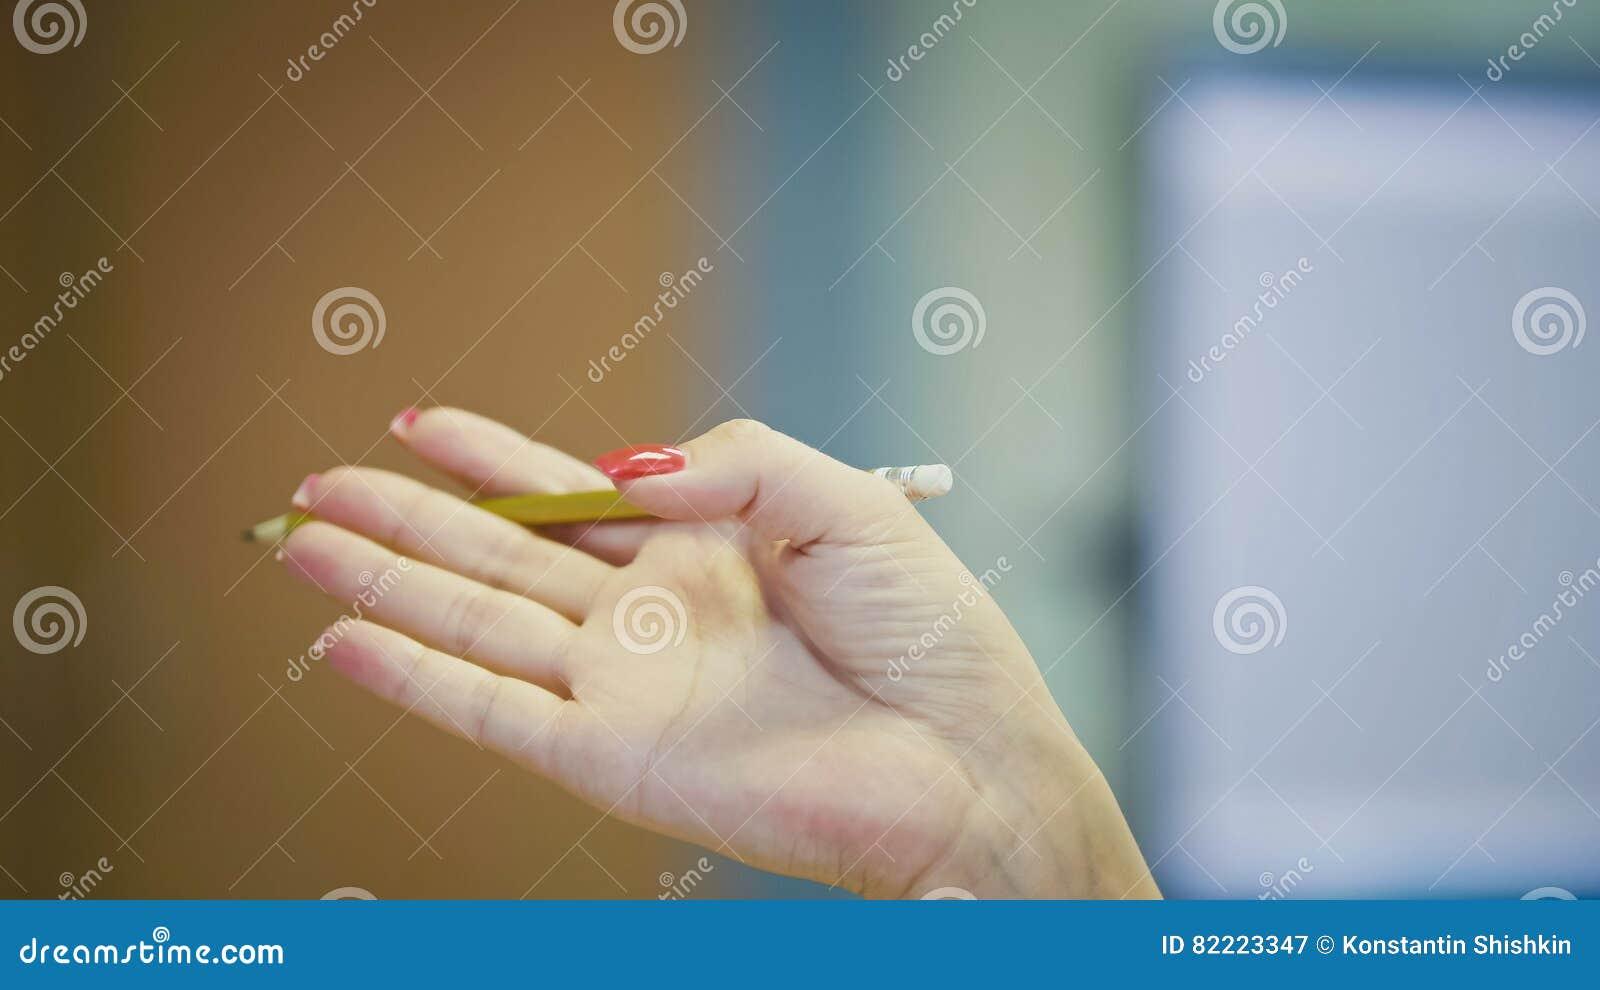 Gestos de mão do gestor de escritório da mulher ao falar no telefone - tratamento de mãos com os pregos vermelhos brilhantes, fim